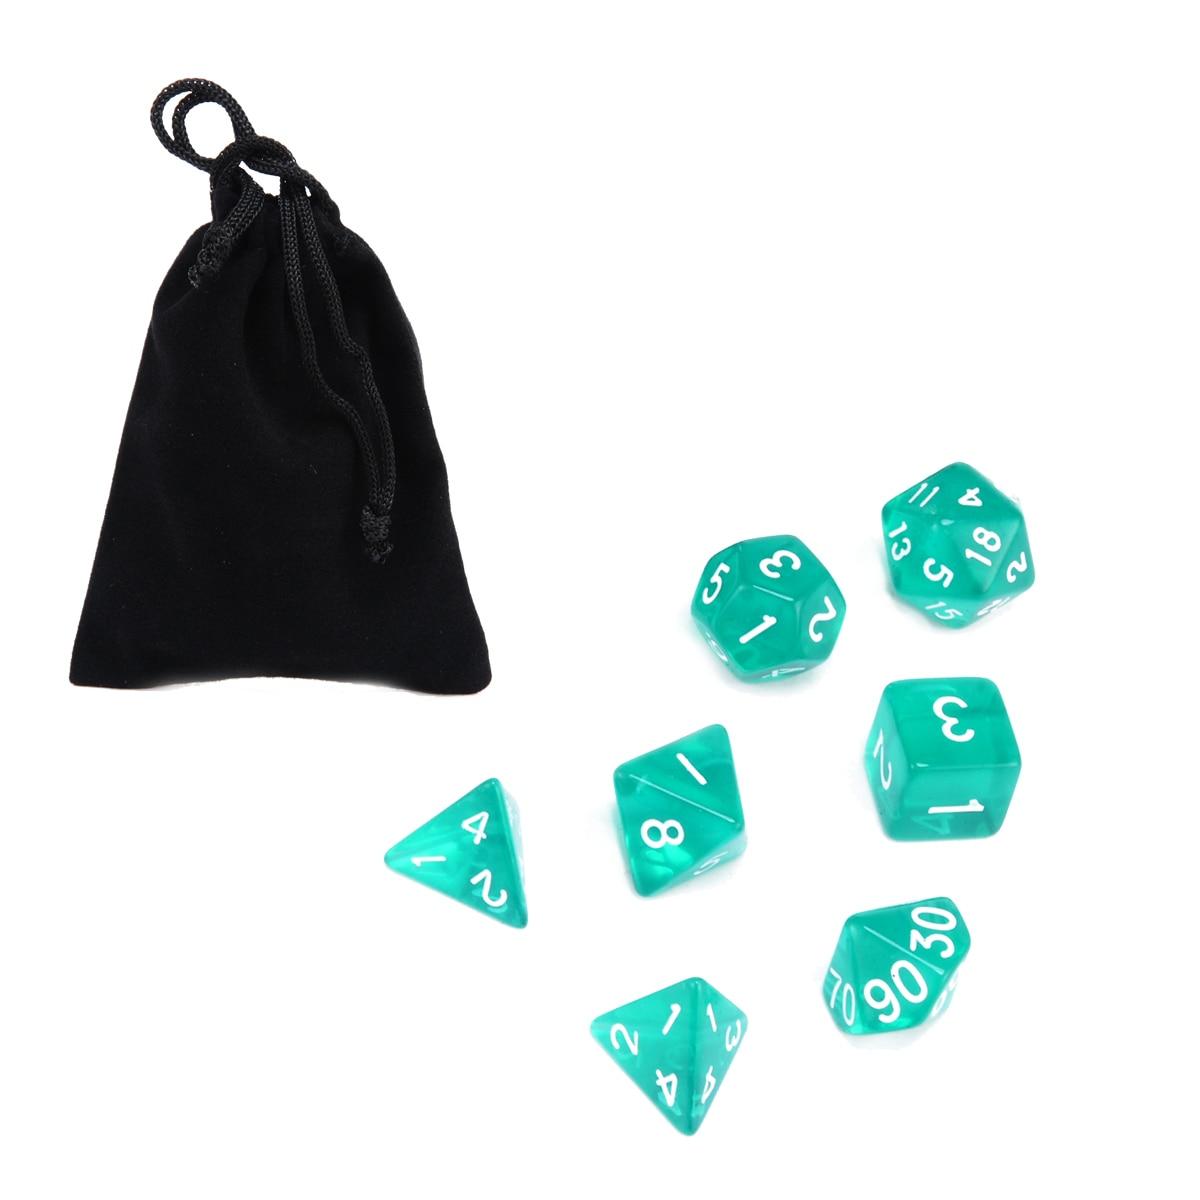 Venta al por mayor 7 Uds dados translúcidos verdes con bolsa Conjunto de dados poliédricos para dragones y mazmorras RPG D4-D20 barra juego de dados